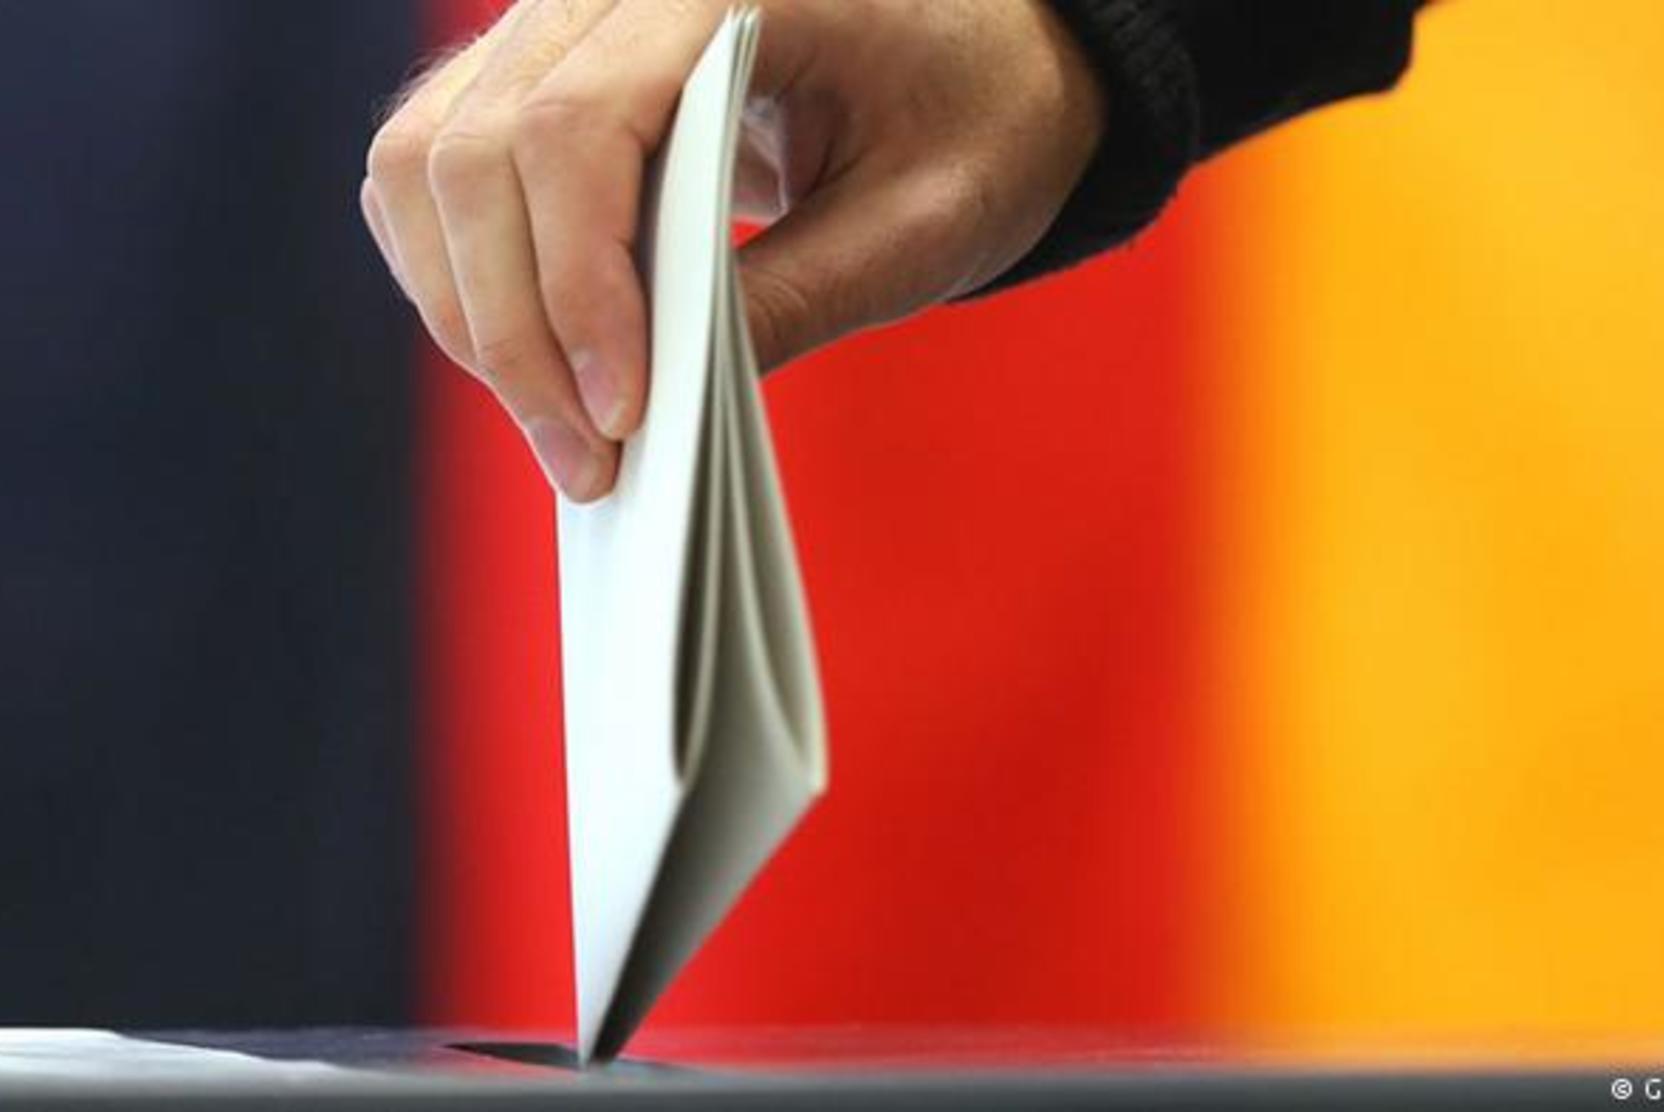 СМИ: В Берлине начался дефицит бюллетеней на избирательных участках